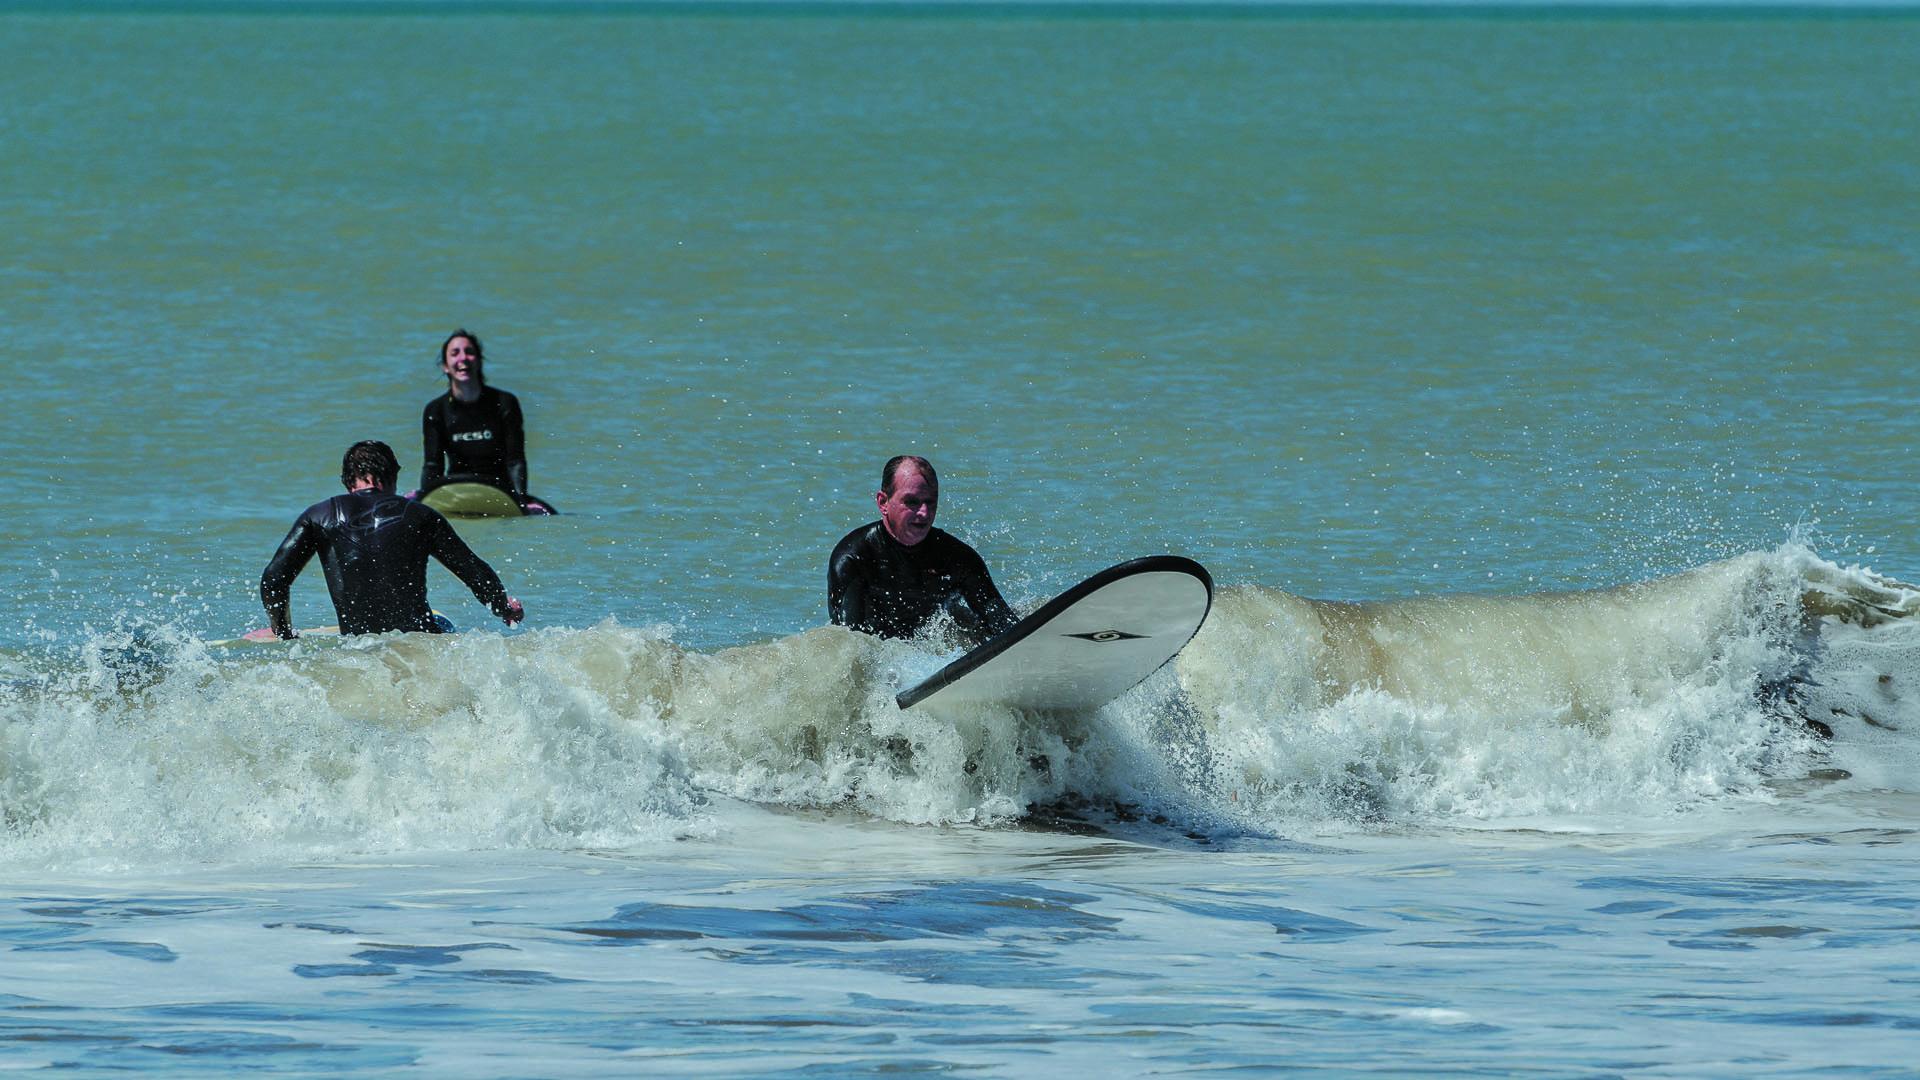 El surf es uno de los deportes favoritos en las olas